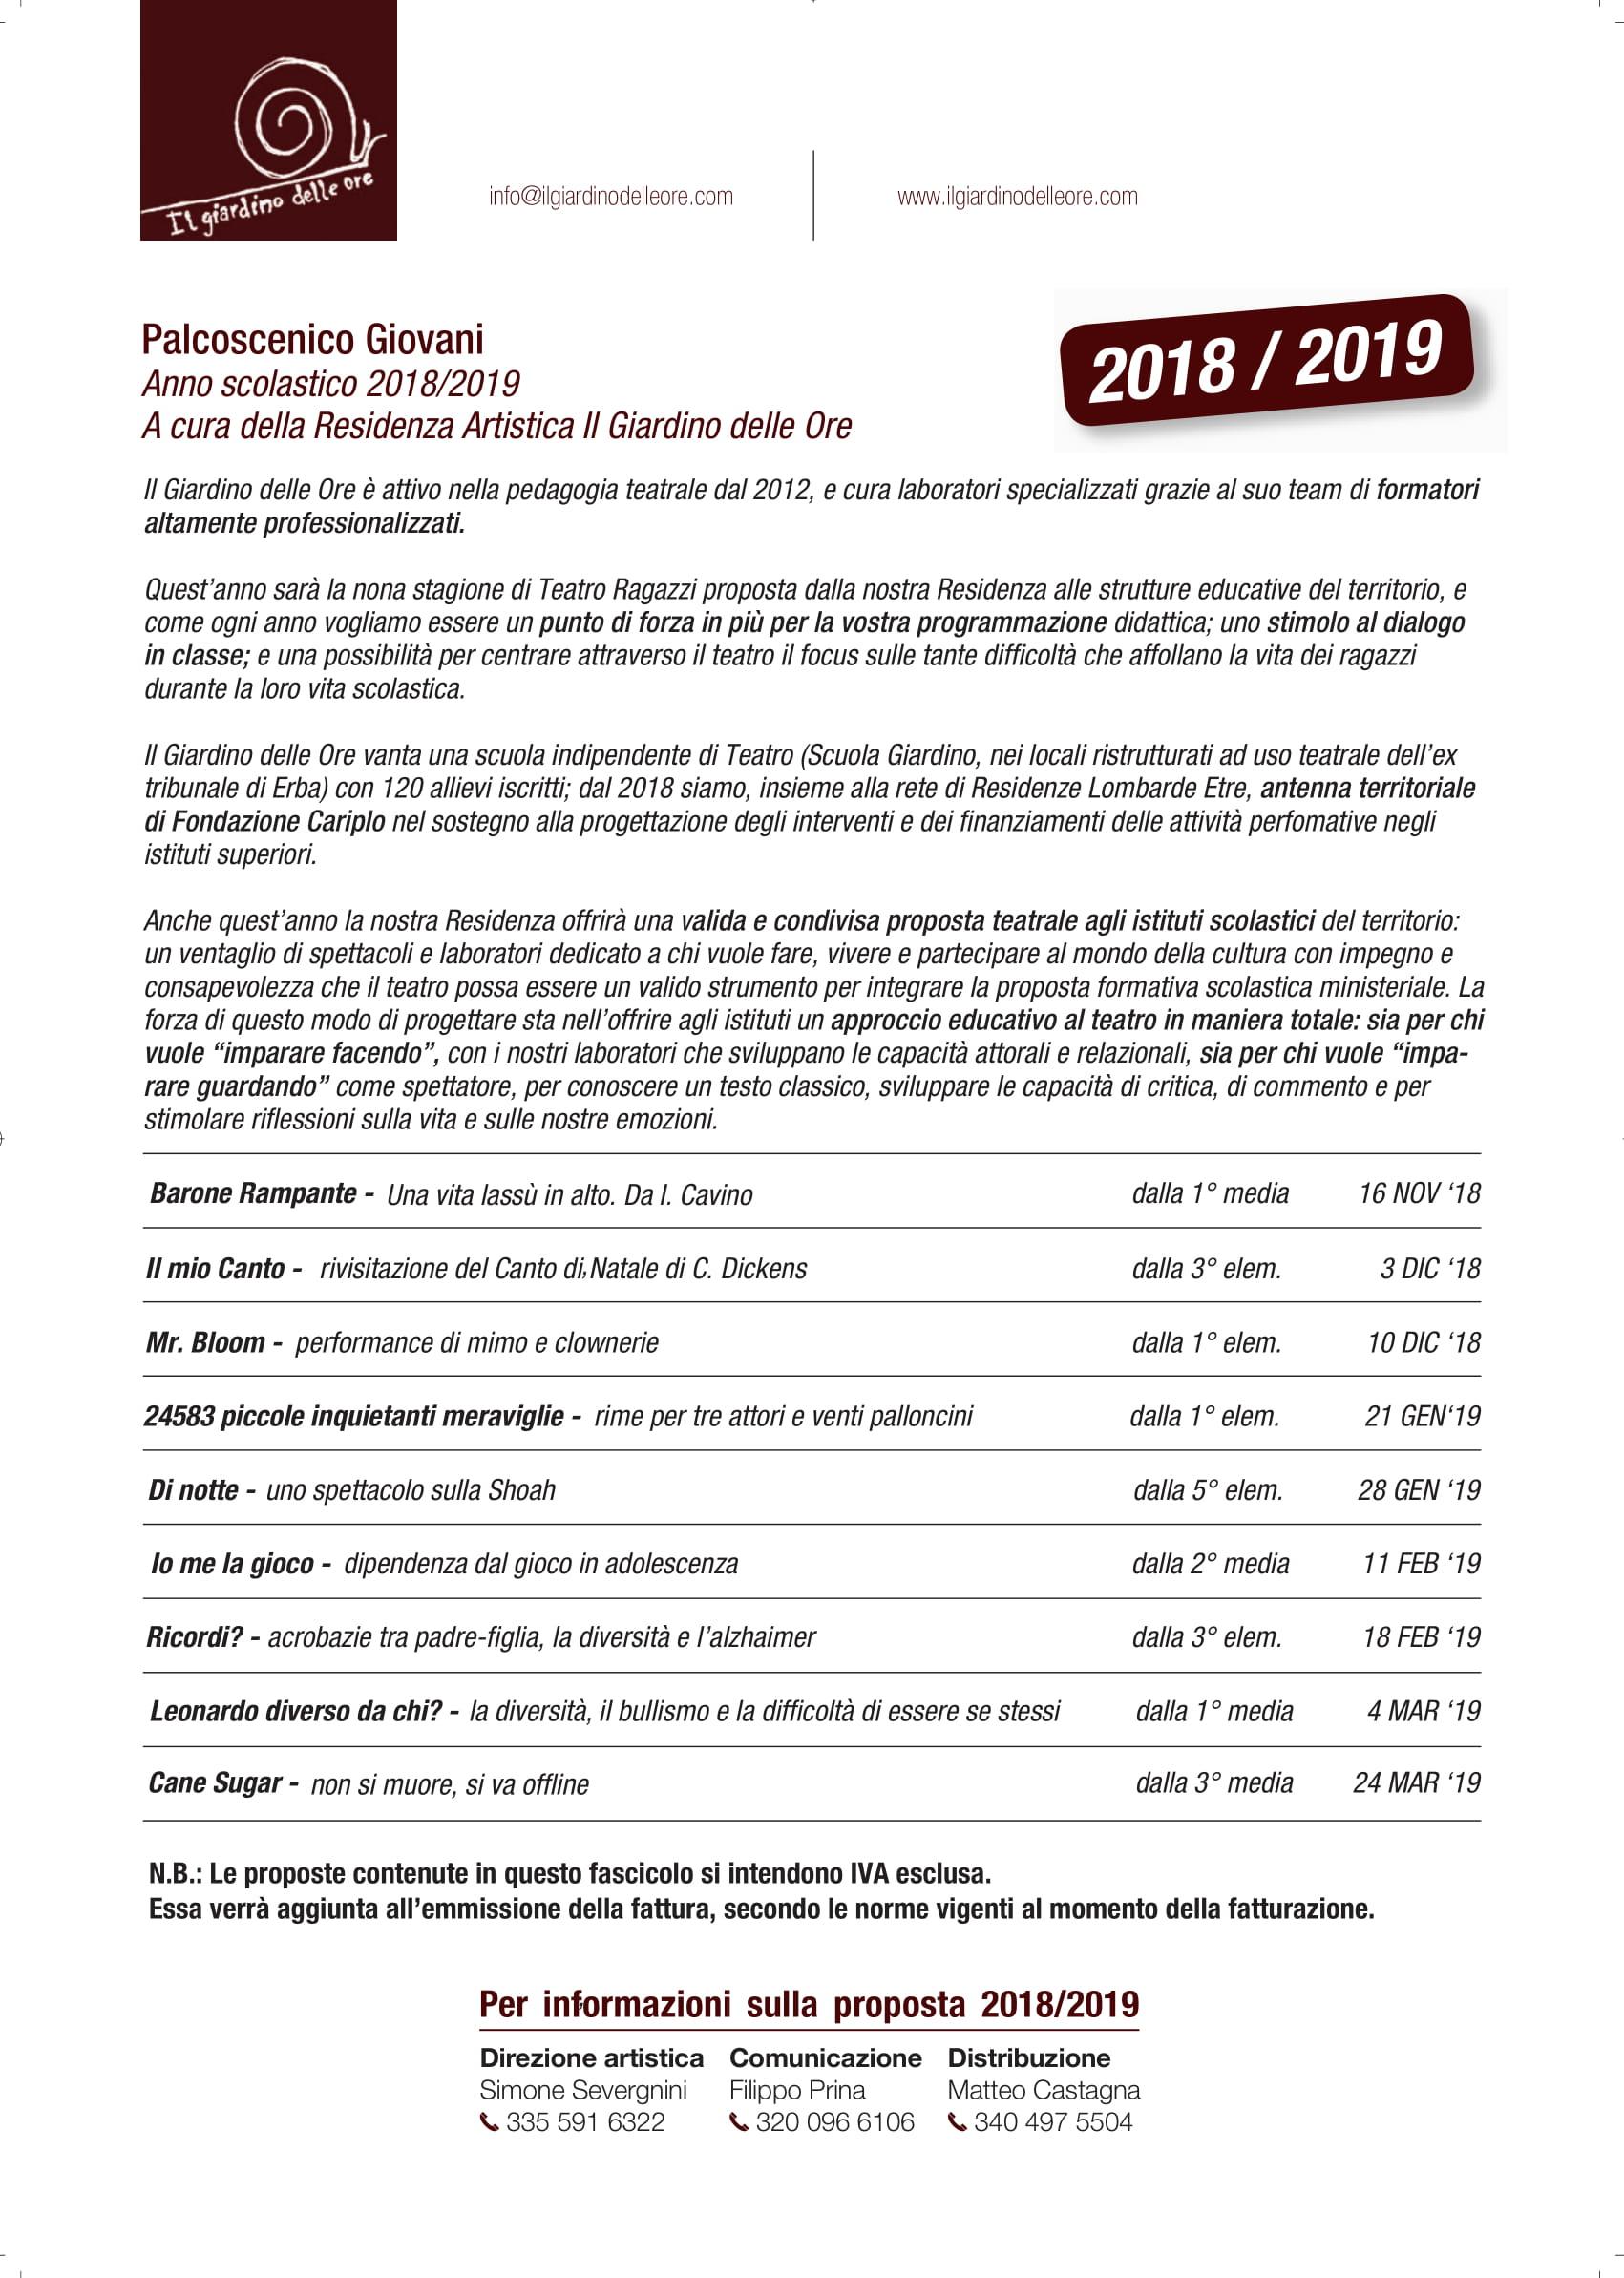 Palcoscenico Giovani 2018-19-03